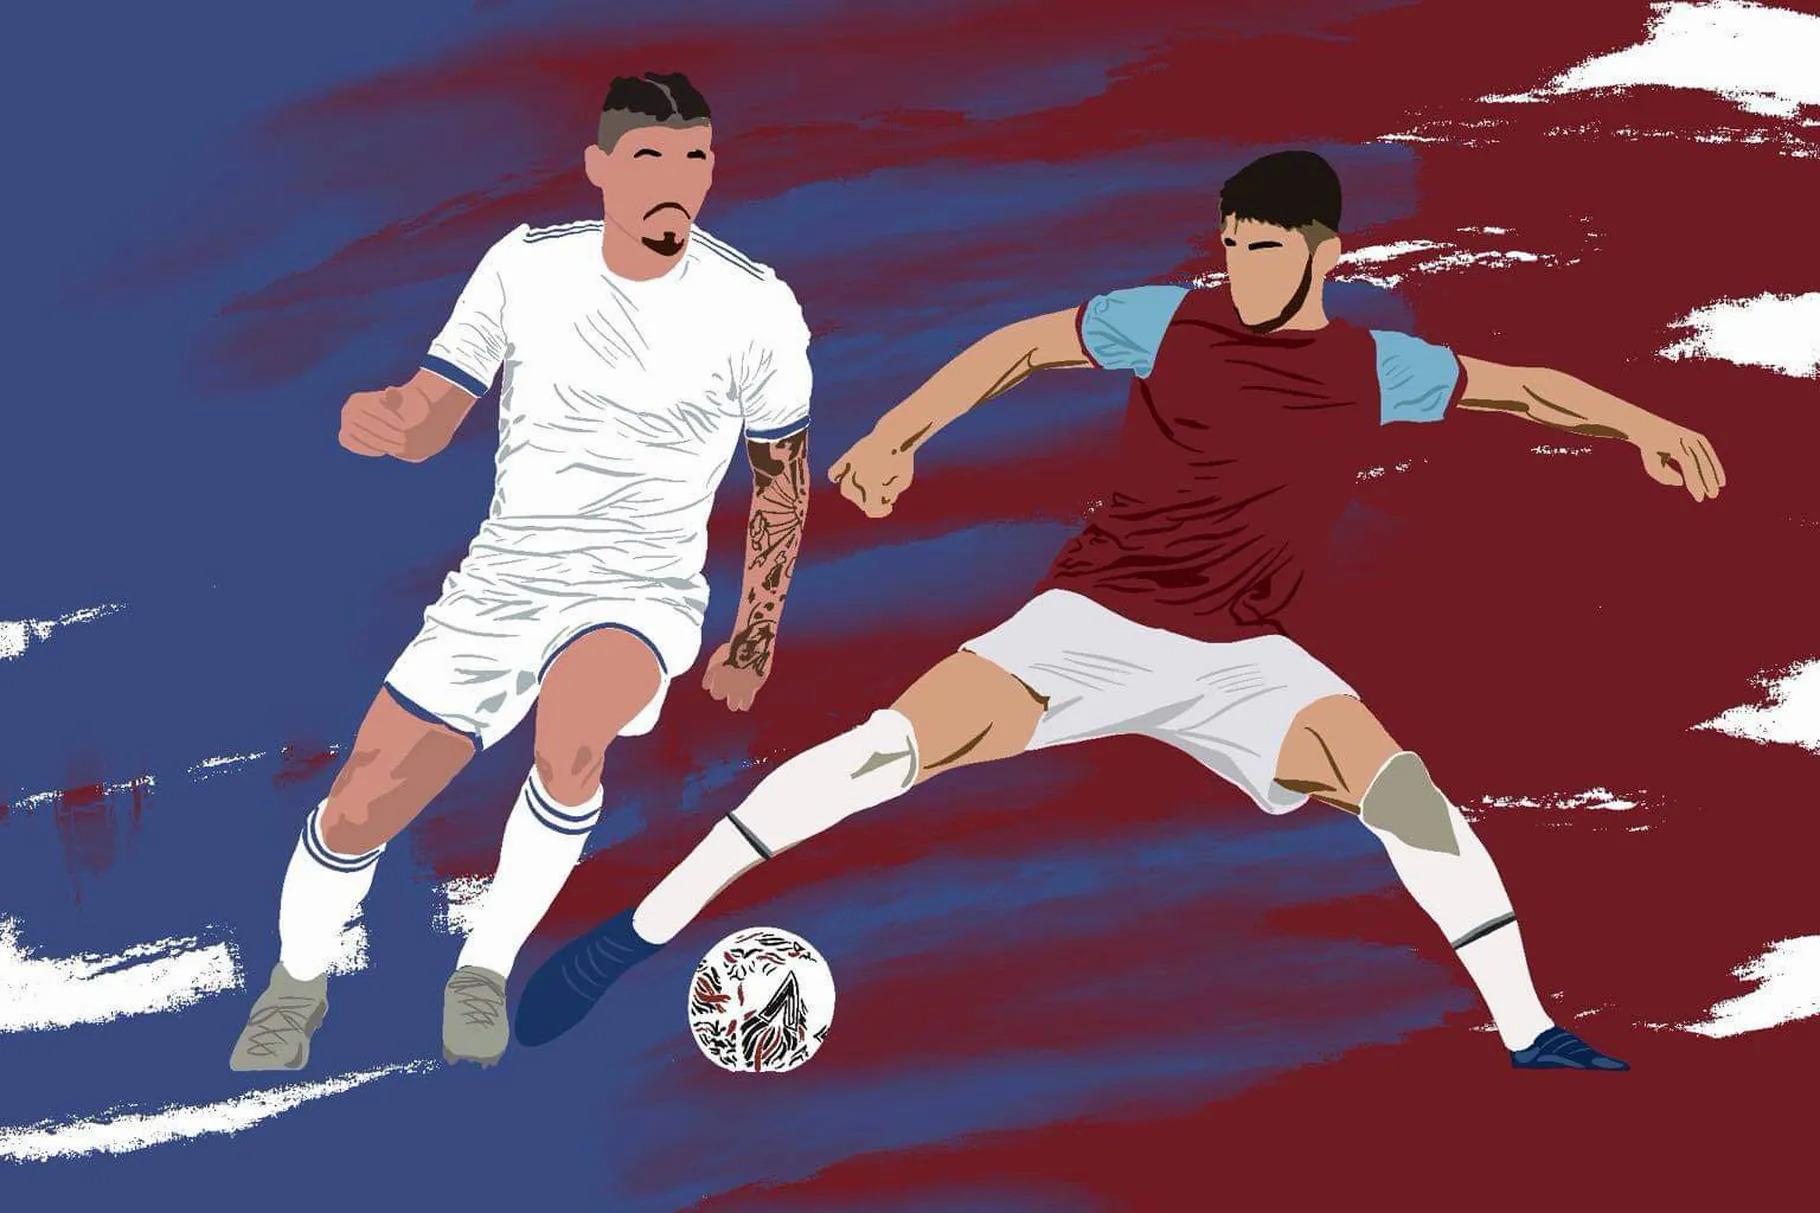 Trước Euro 2021, những Kalvin Phillips (áo trắng) và Declan Rice (áo sẫm) không được nhiều người biết đến. Nhưng hành trình tại giải đấu có thể nâng tầm sự nghiệp và danh tiếng của họ. Ảnh: SB Nation